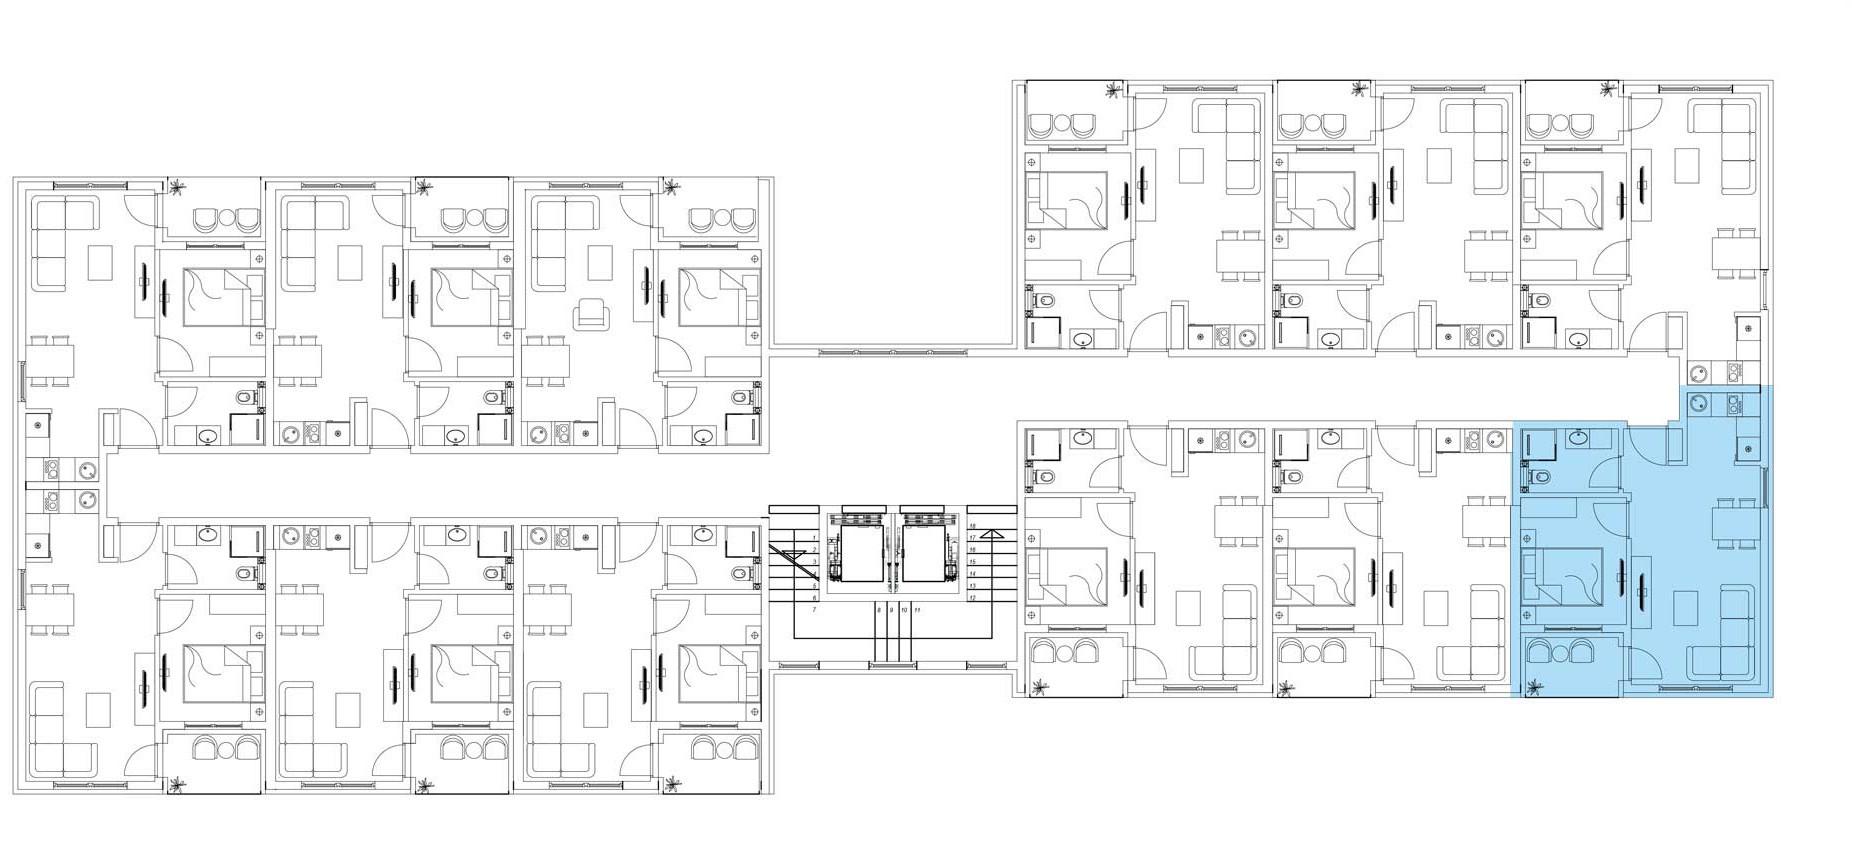 Orjentacija-stambenih-jedinica--21,-33,-45,-57,-69,-81,-93